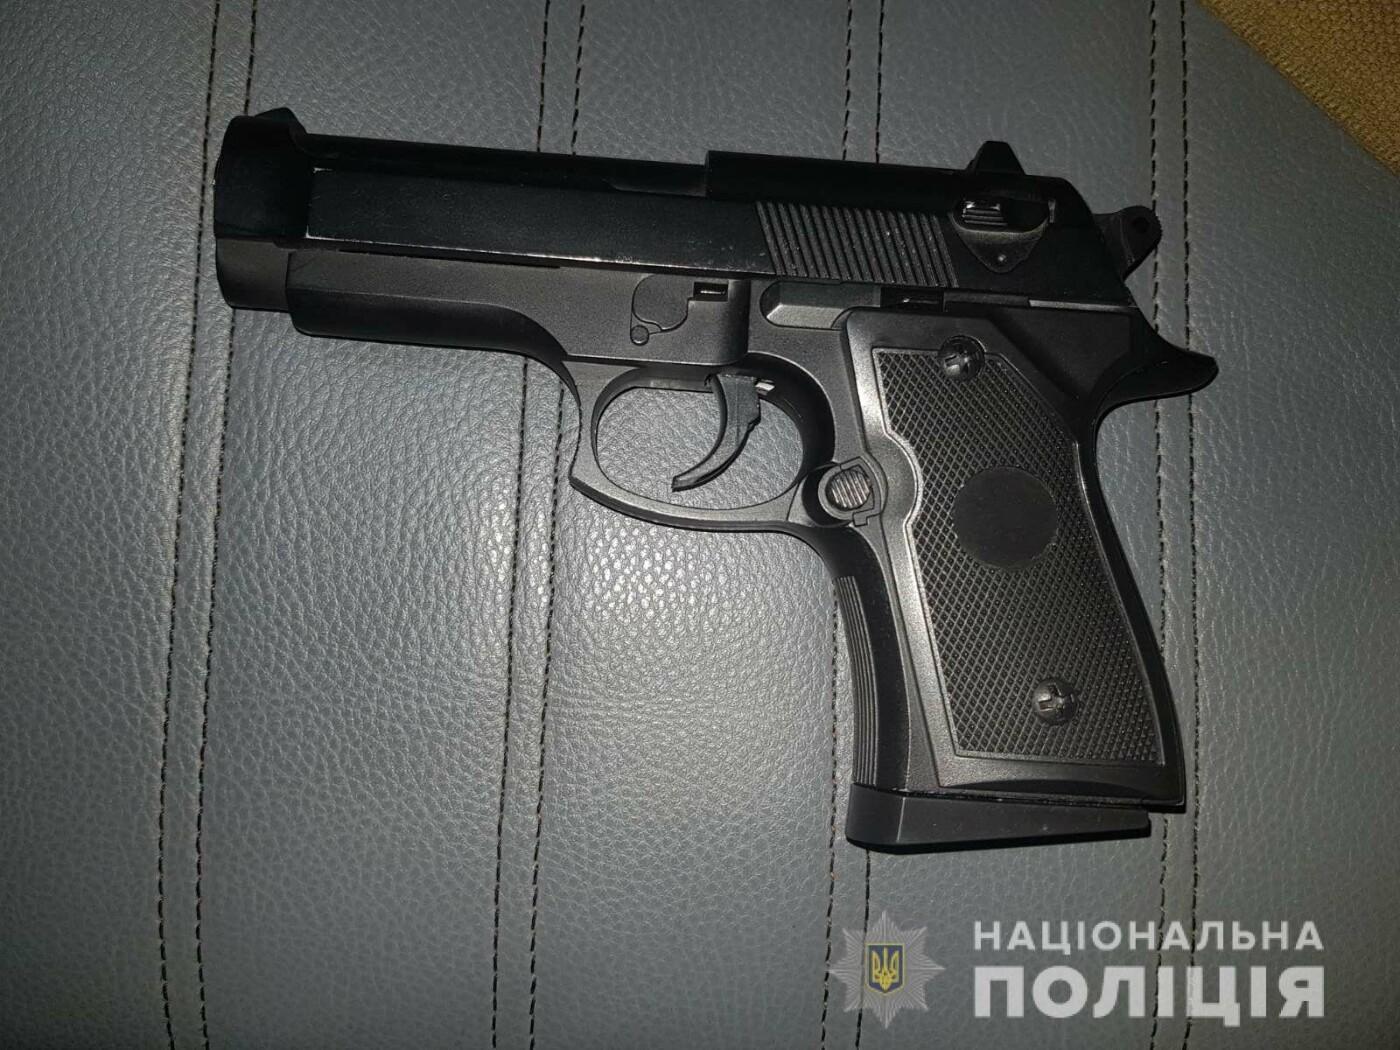 Два юноши разгуливали по Николаеву с оружием в руках, - ФОТО, фото-2